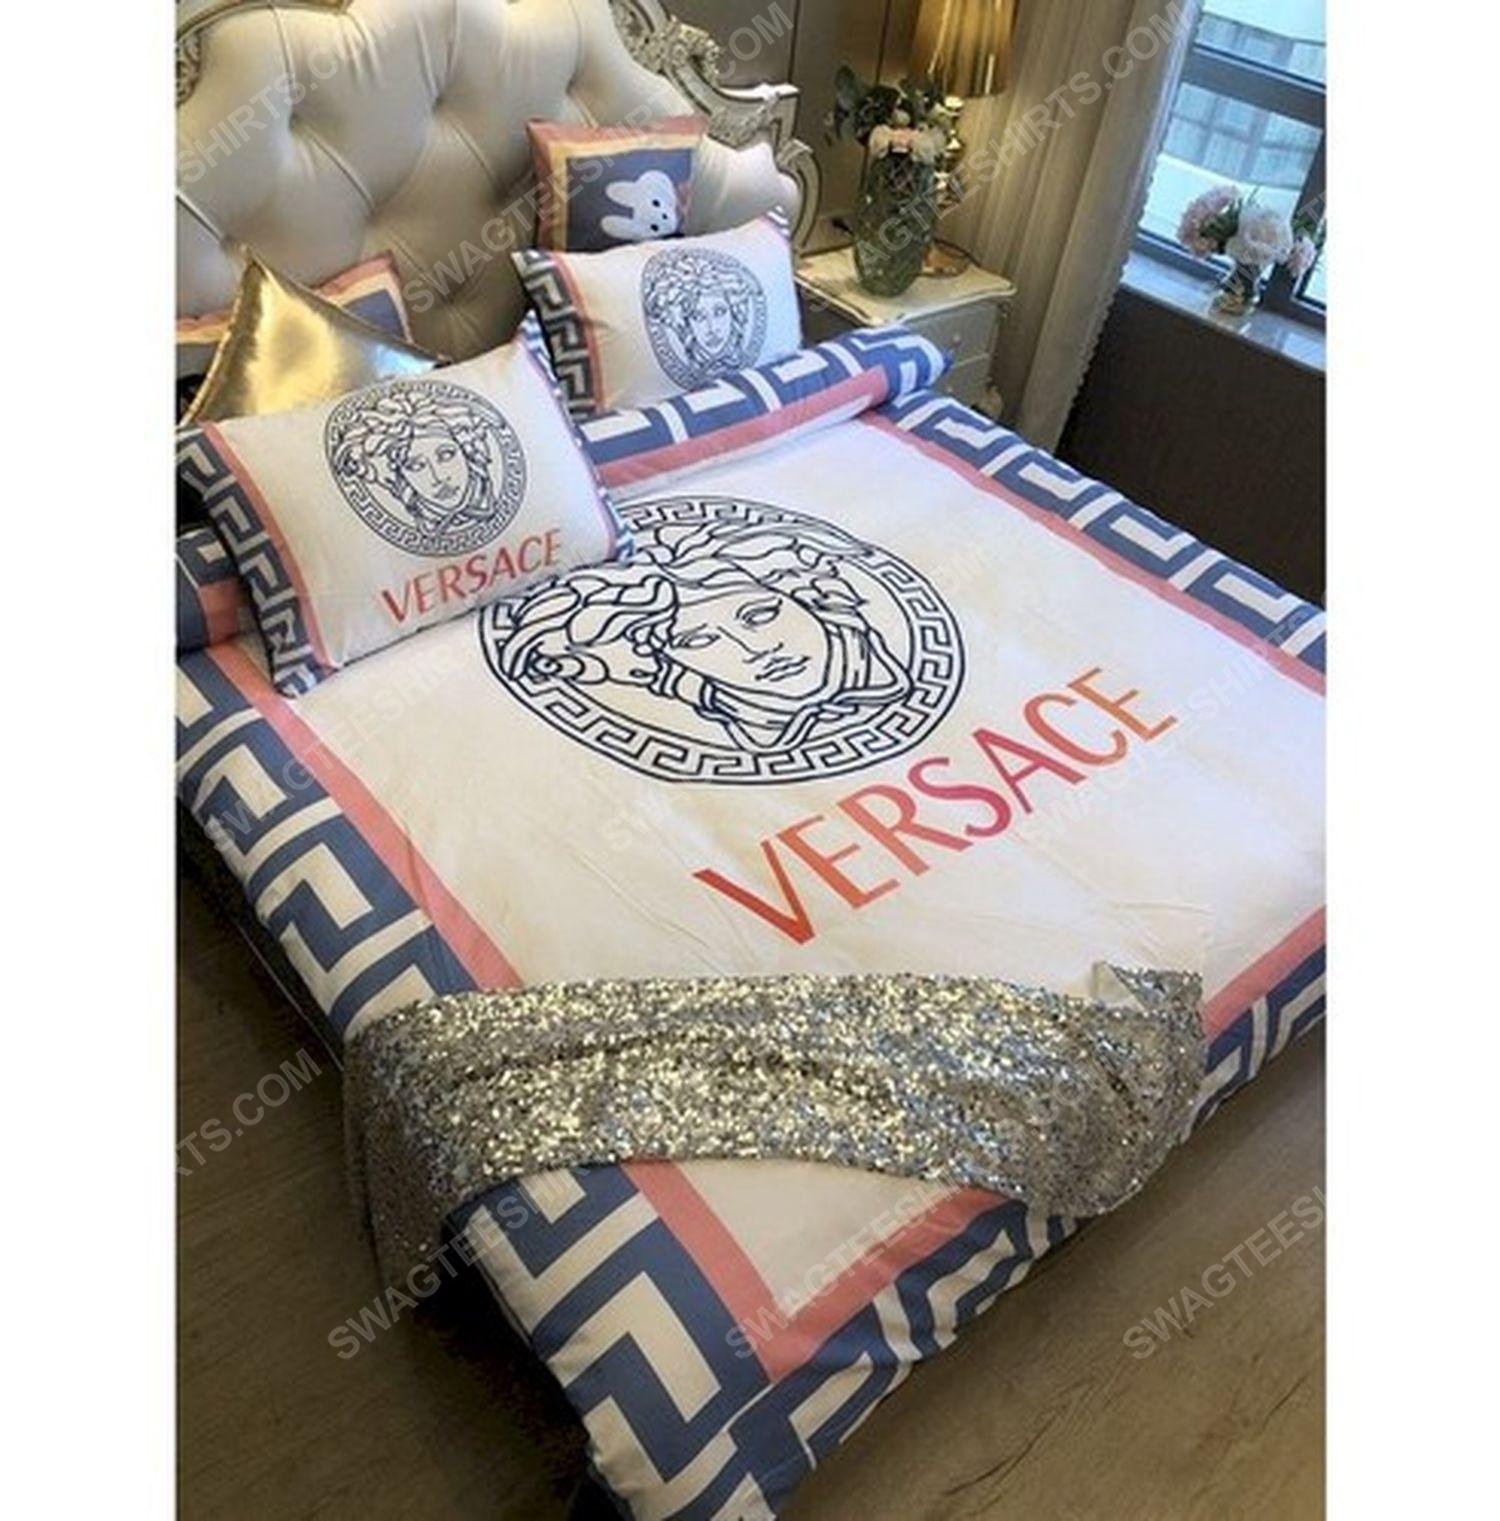 Versace home cream version full print duvet cover bedding set 2